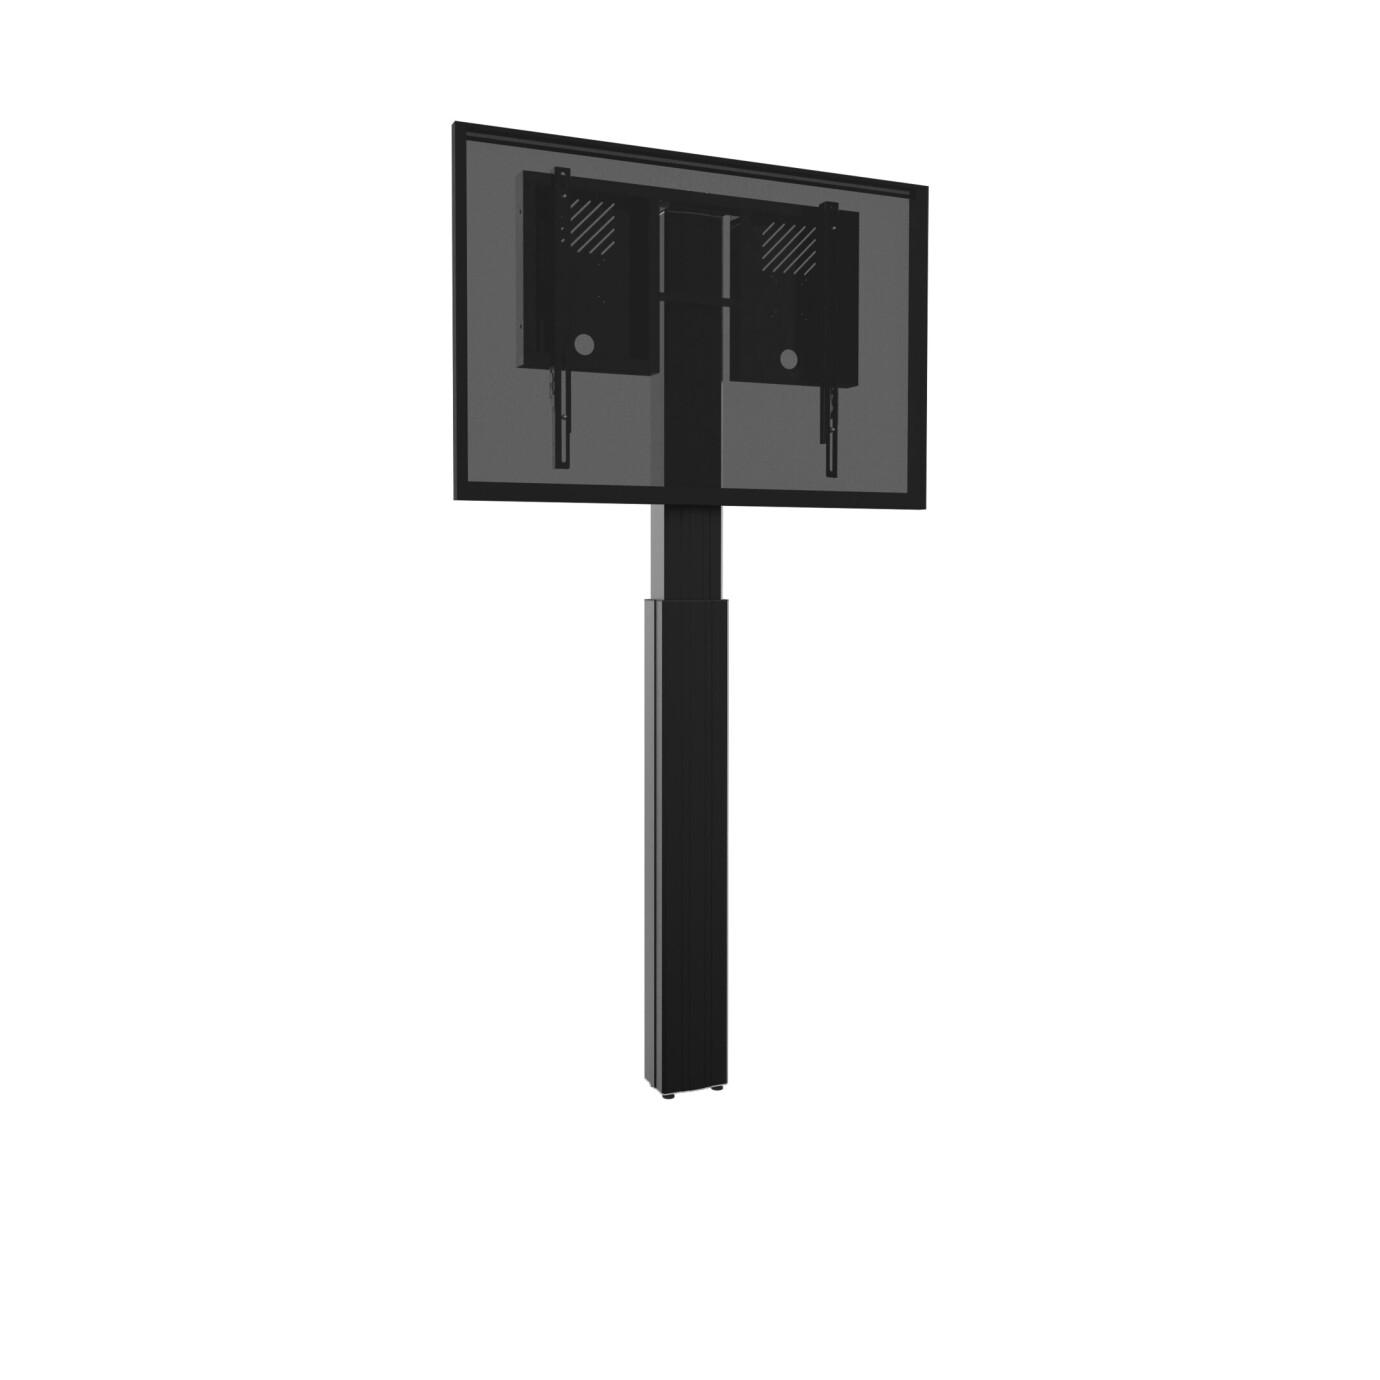 Support mural celexon Expert Adjust-4286WB réglable en hauteur électriquement - 42